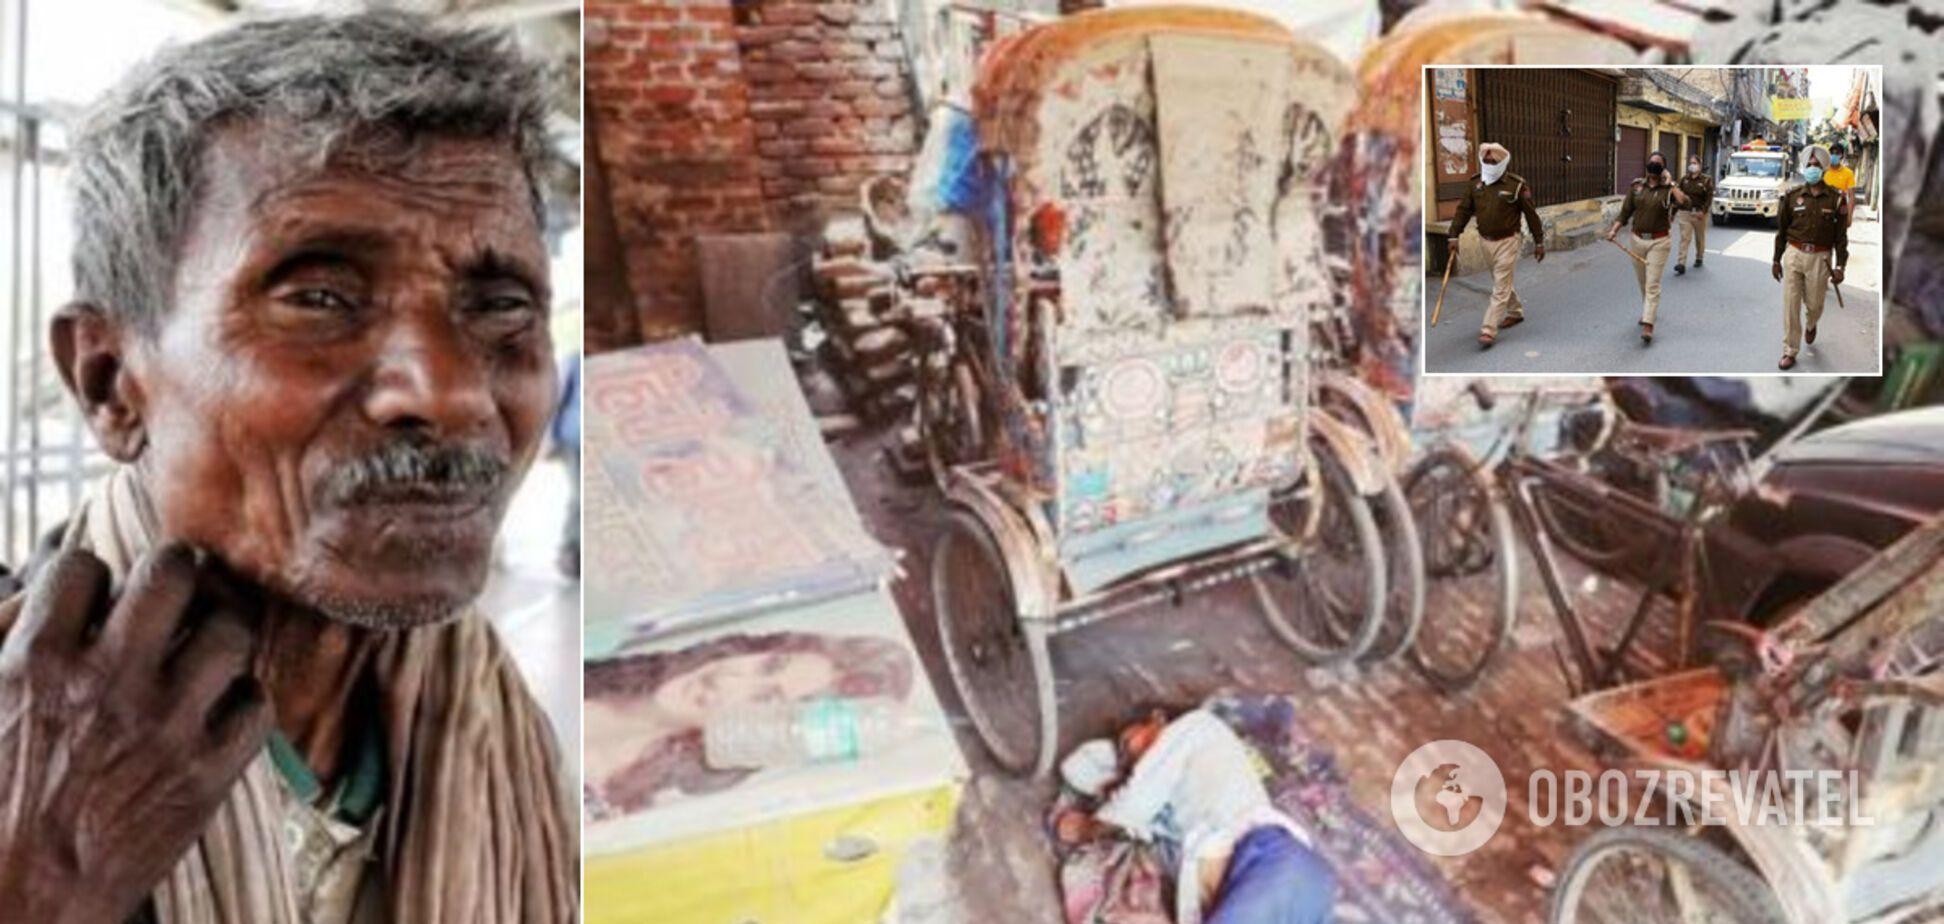 Жители Индии через несколько дней останутся без еды из-за жесткого карантина